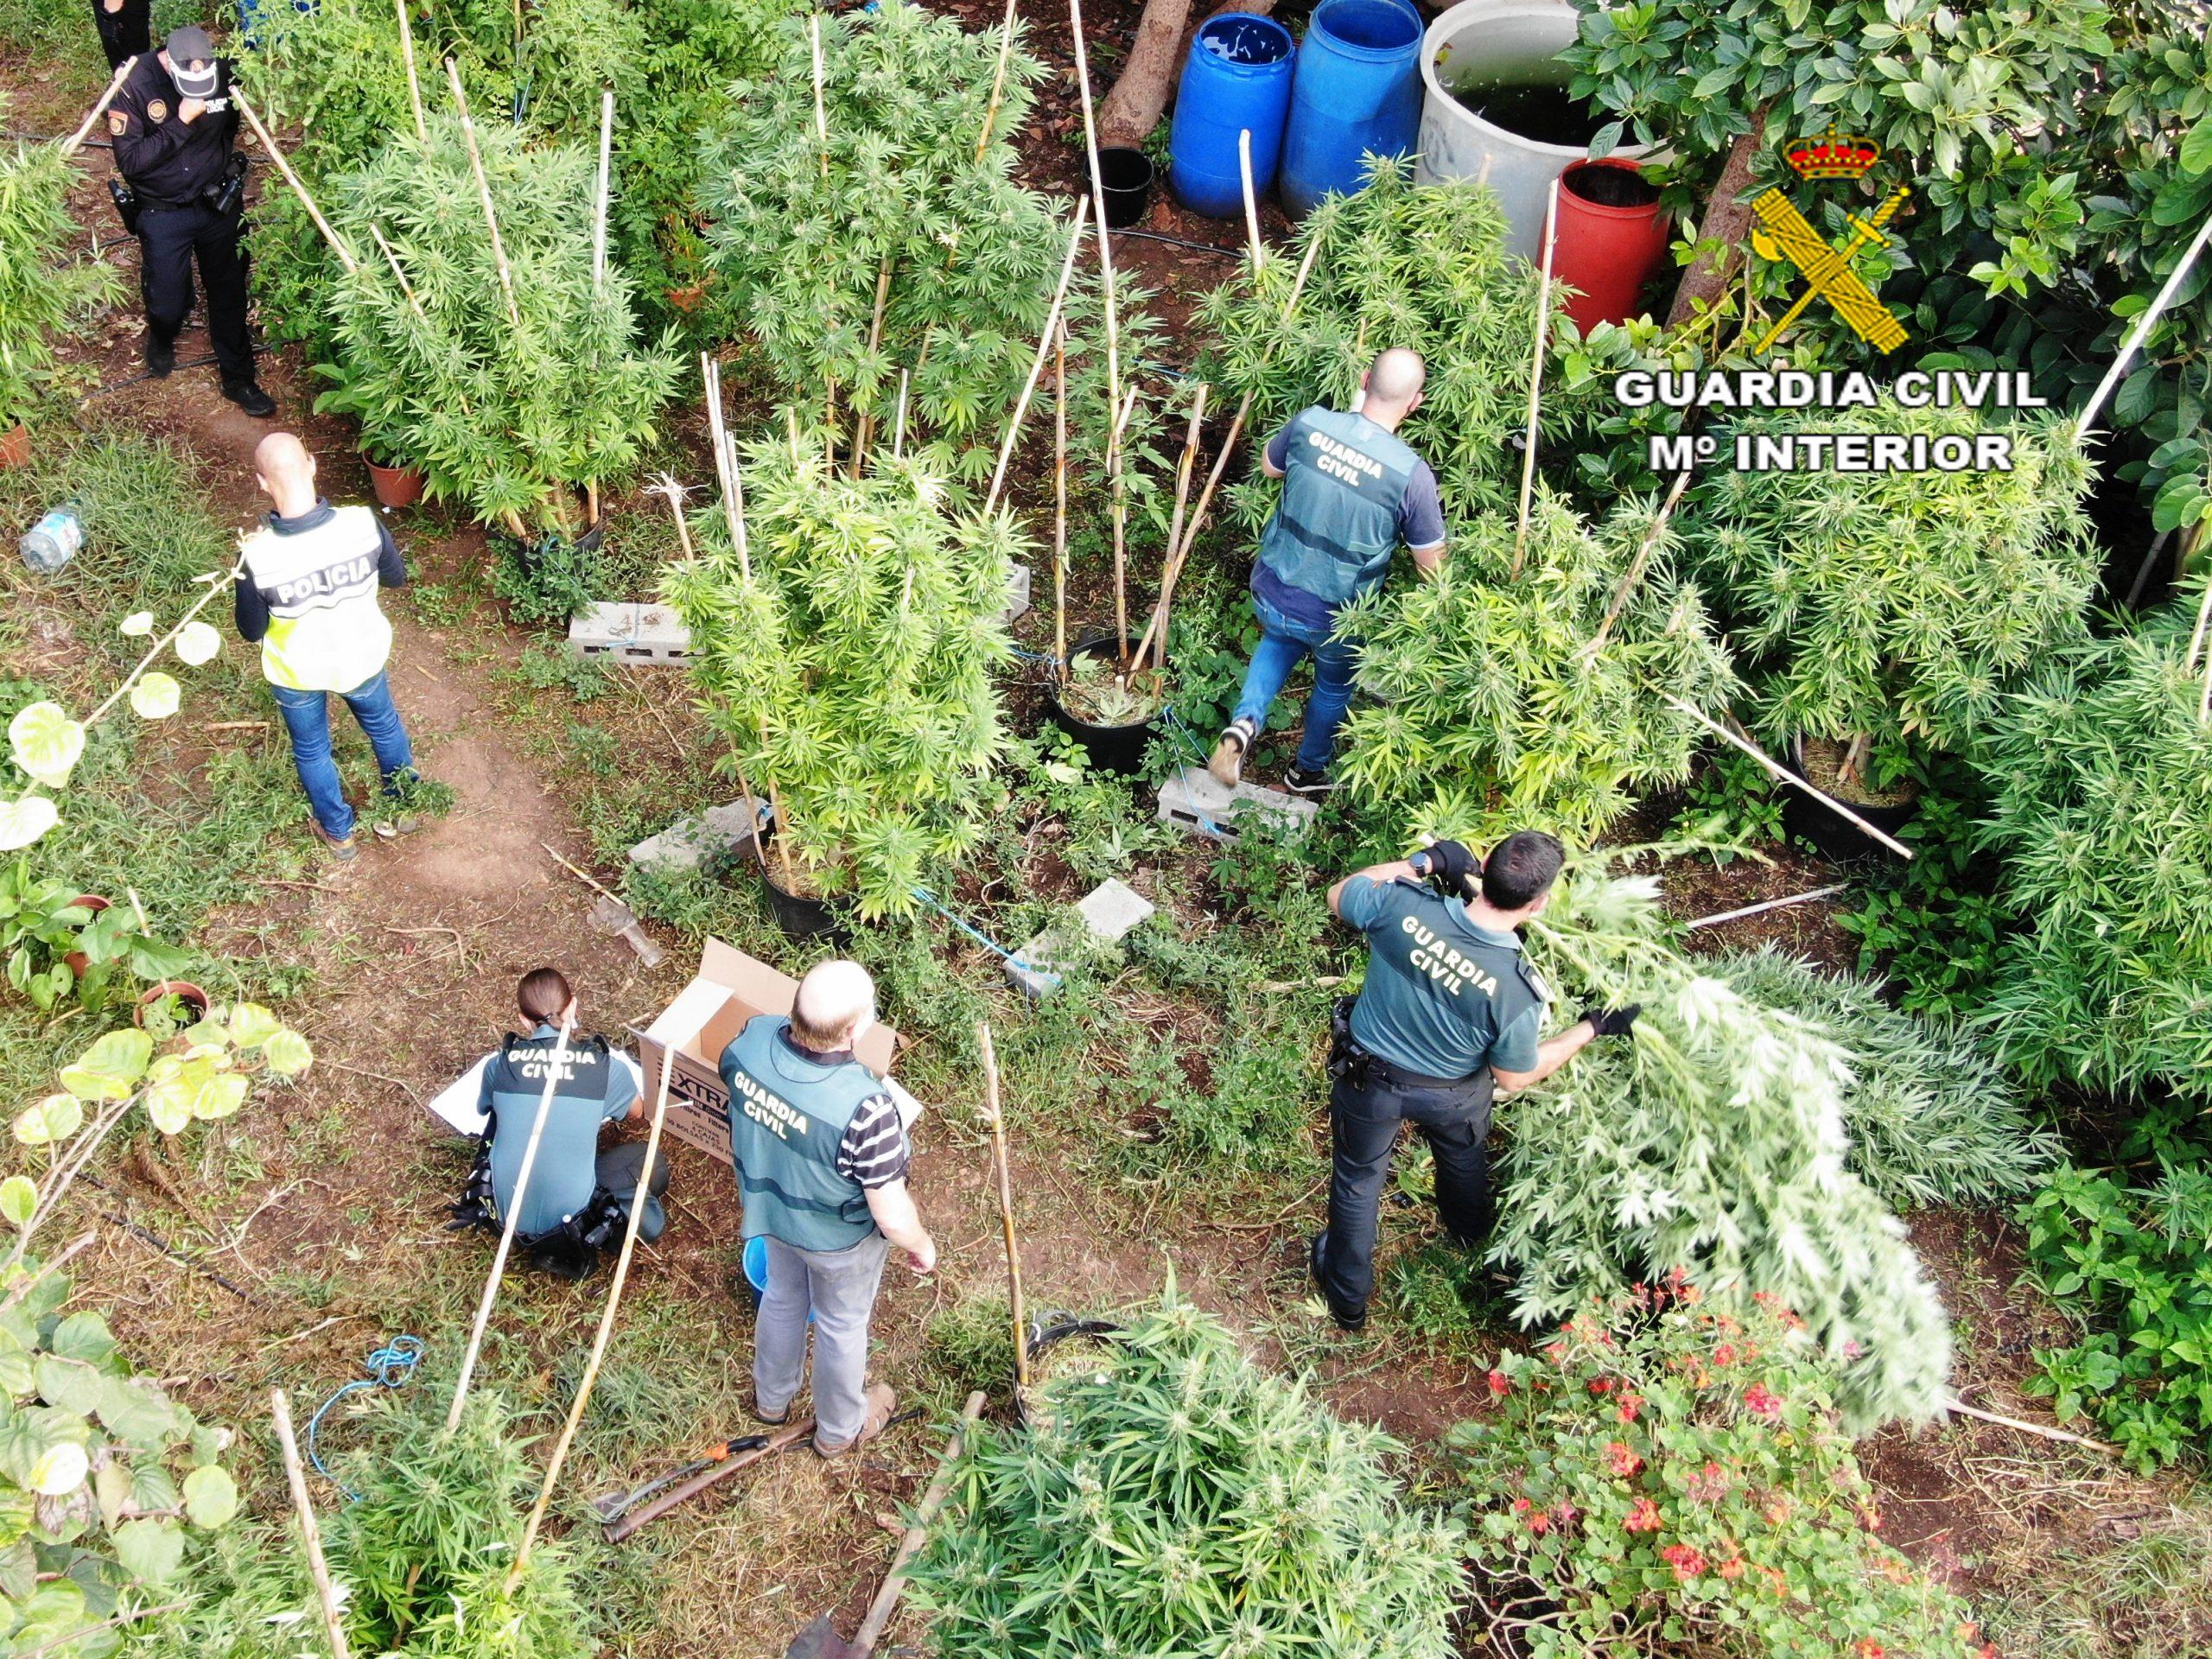 La Guardia Civil y la Policía Local detienen a una persona por un delito de cultivo, elaboración y tráfico de drogas en Onda